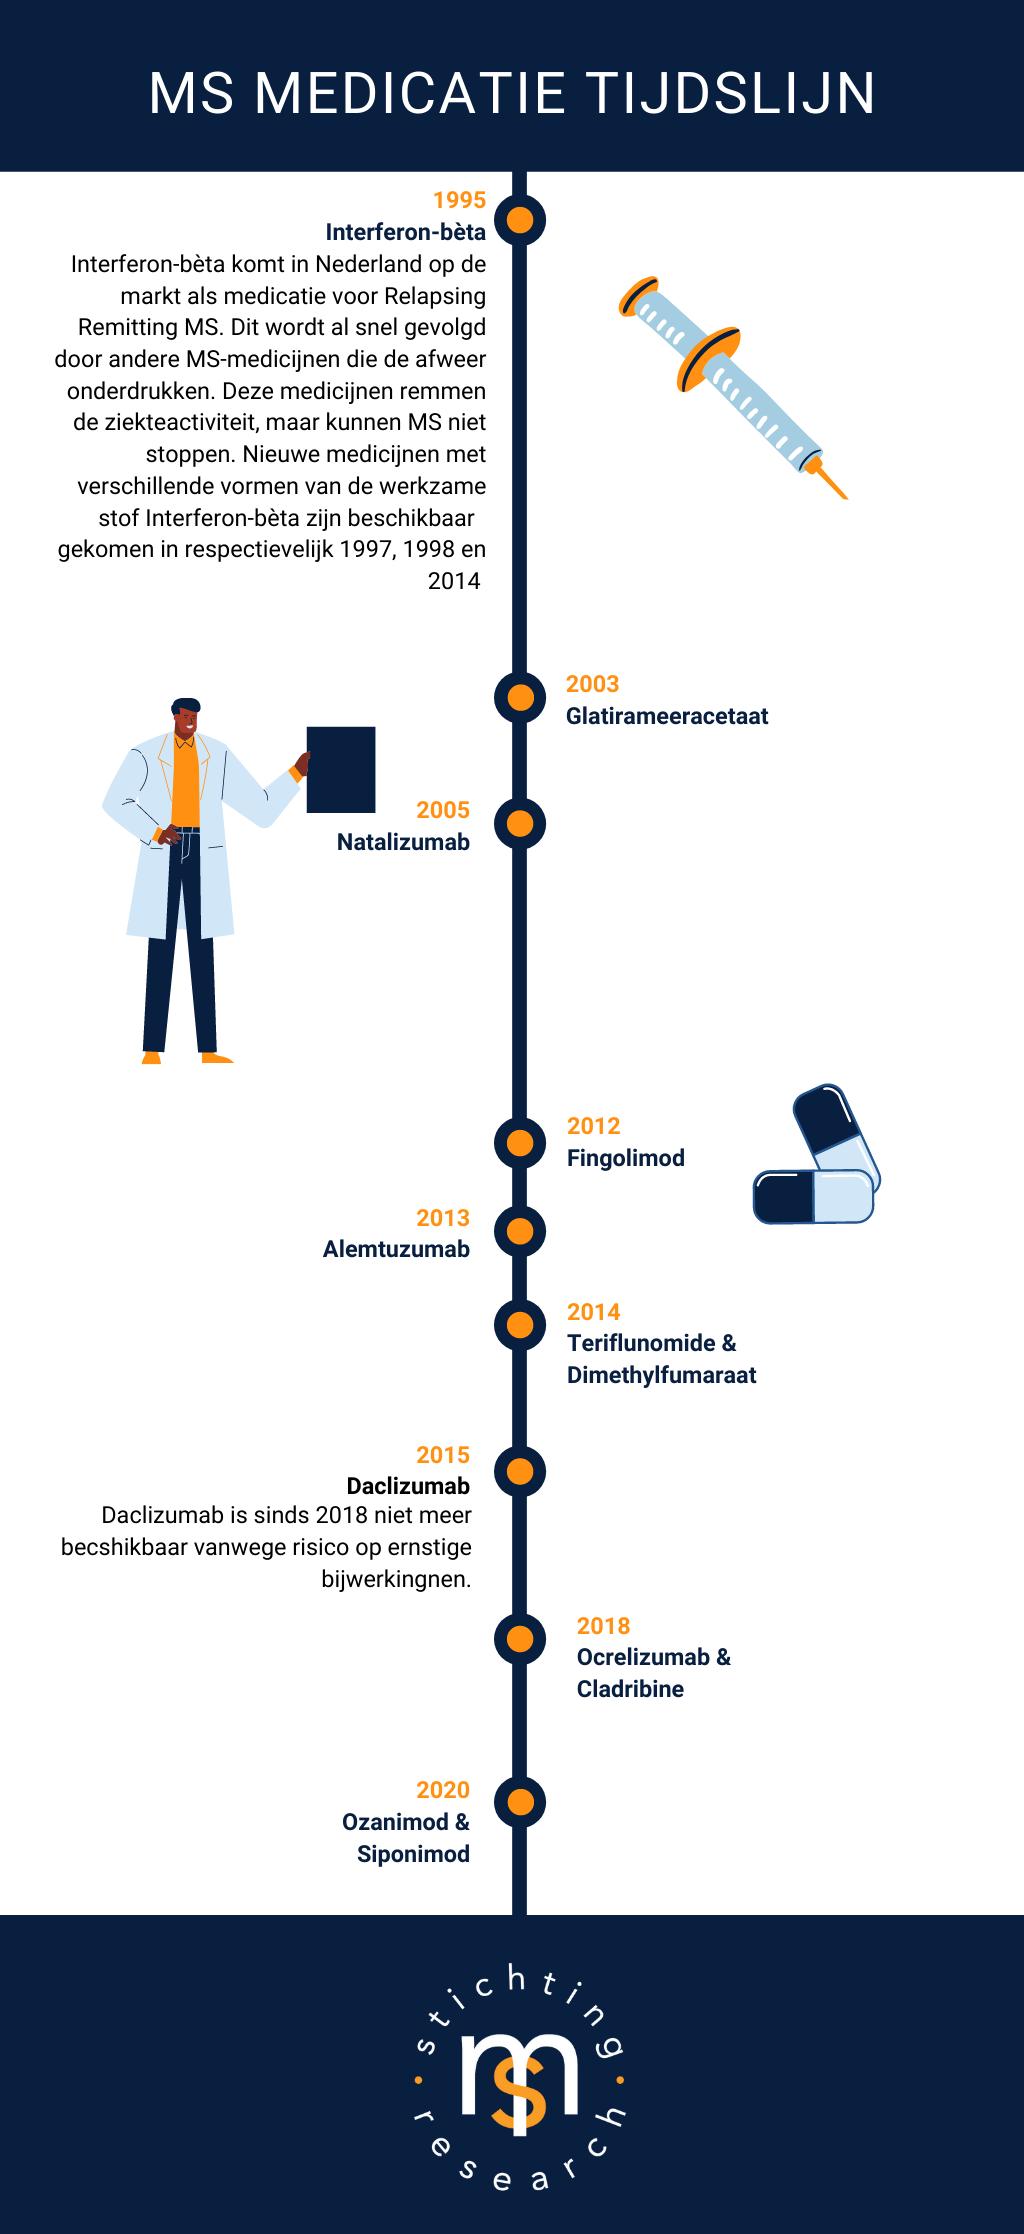 MS medicatie tijdlijn